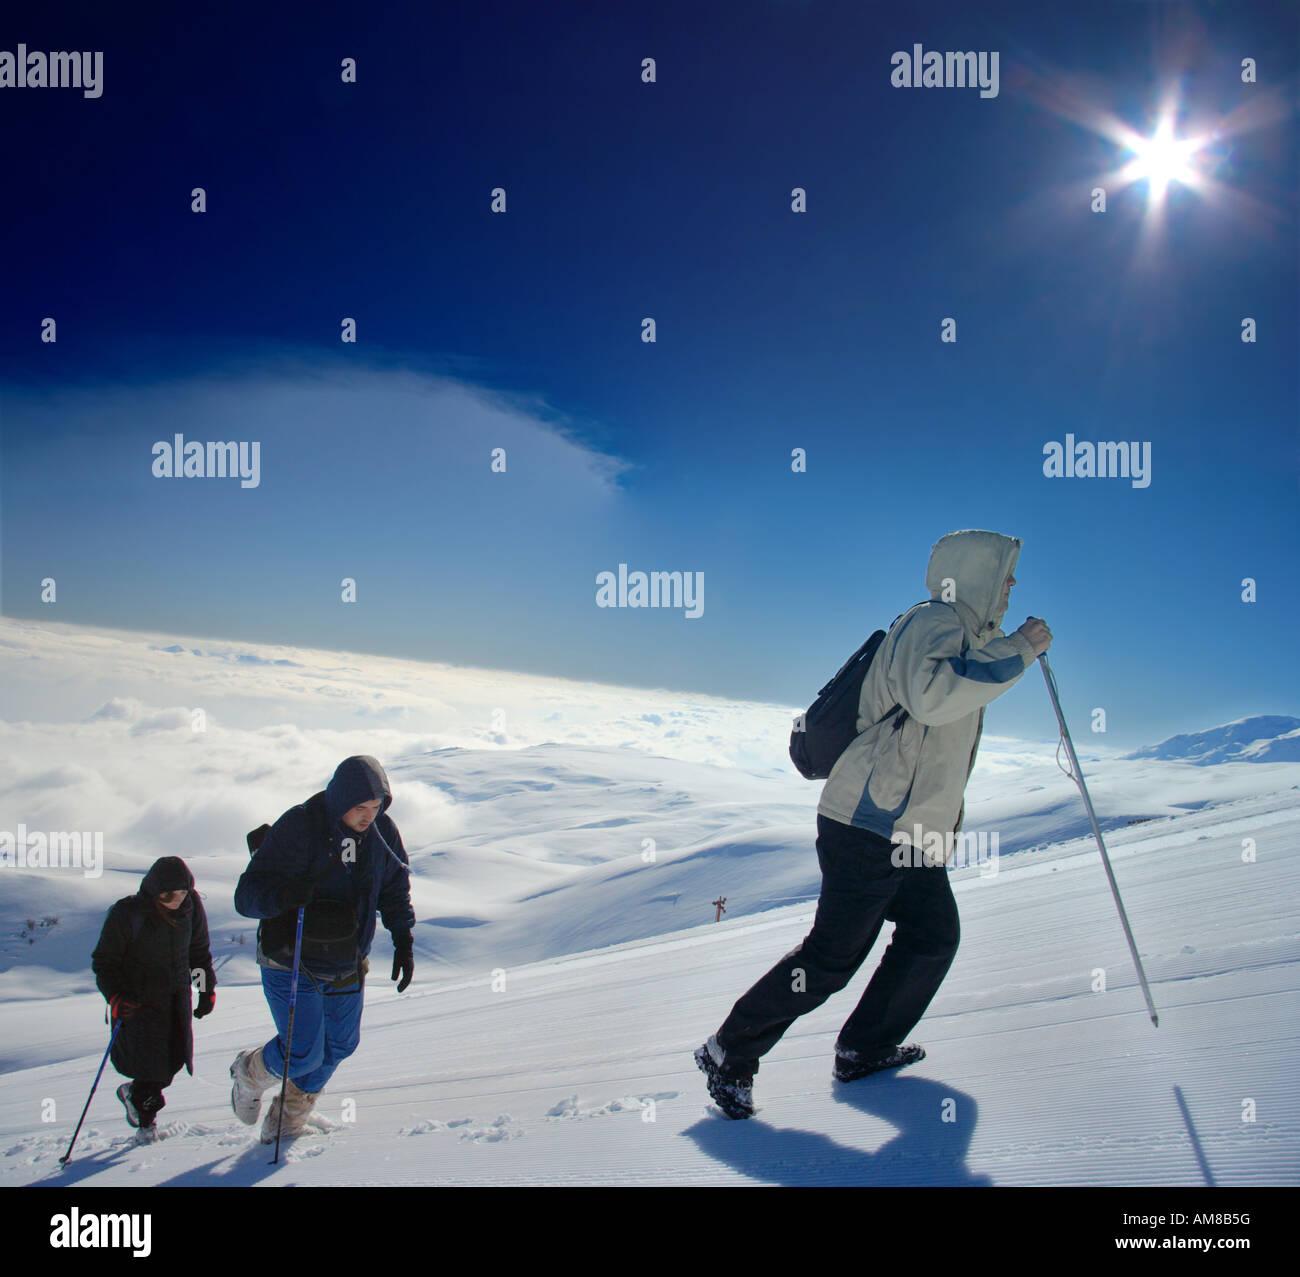 Alpine expedition climbing Mt Sar Planina - Stock Image